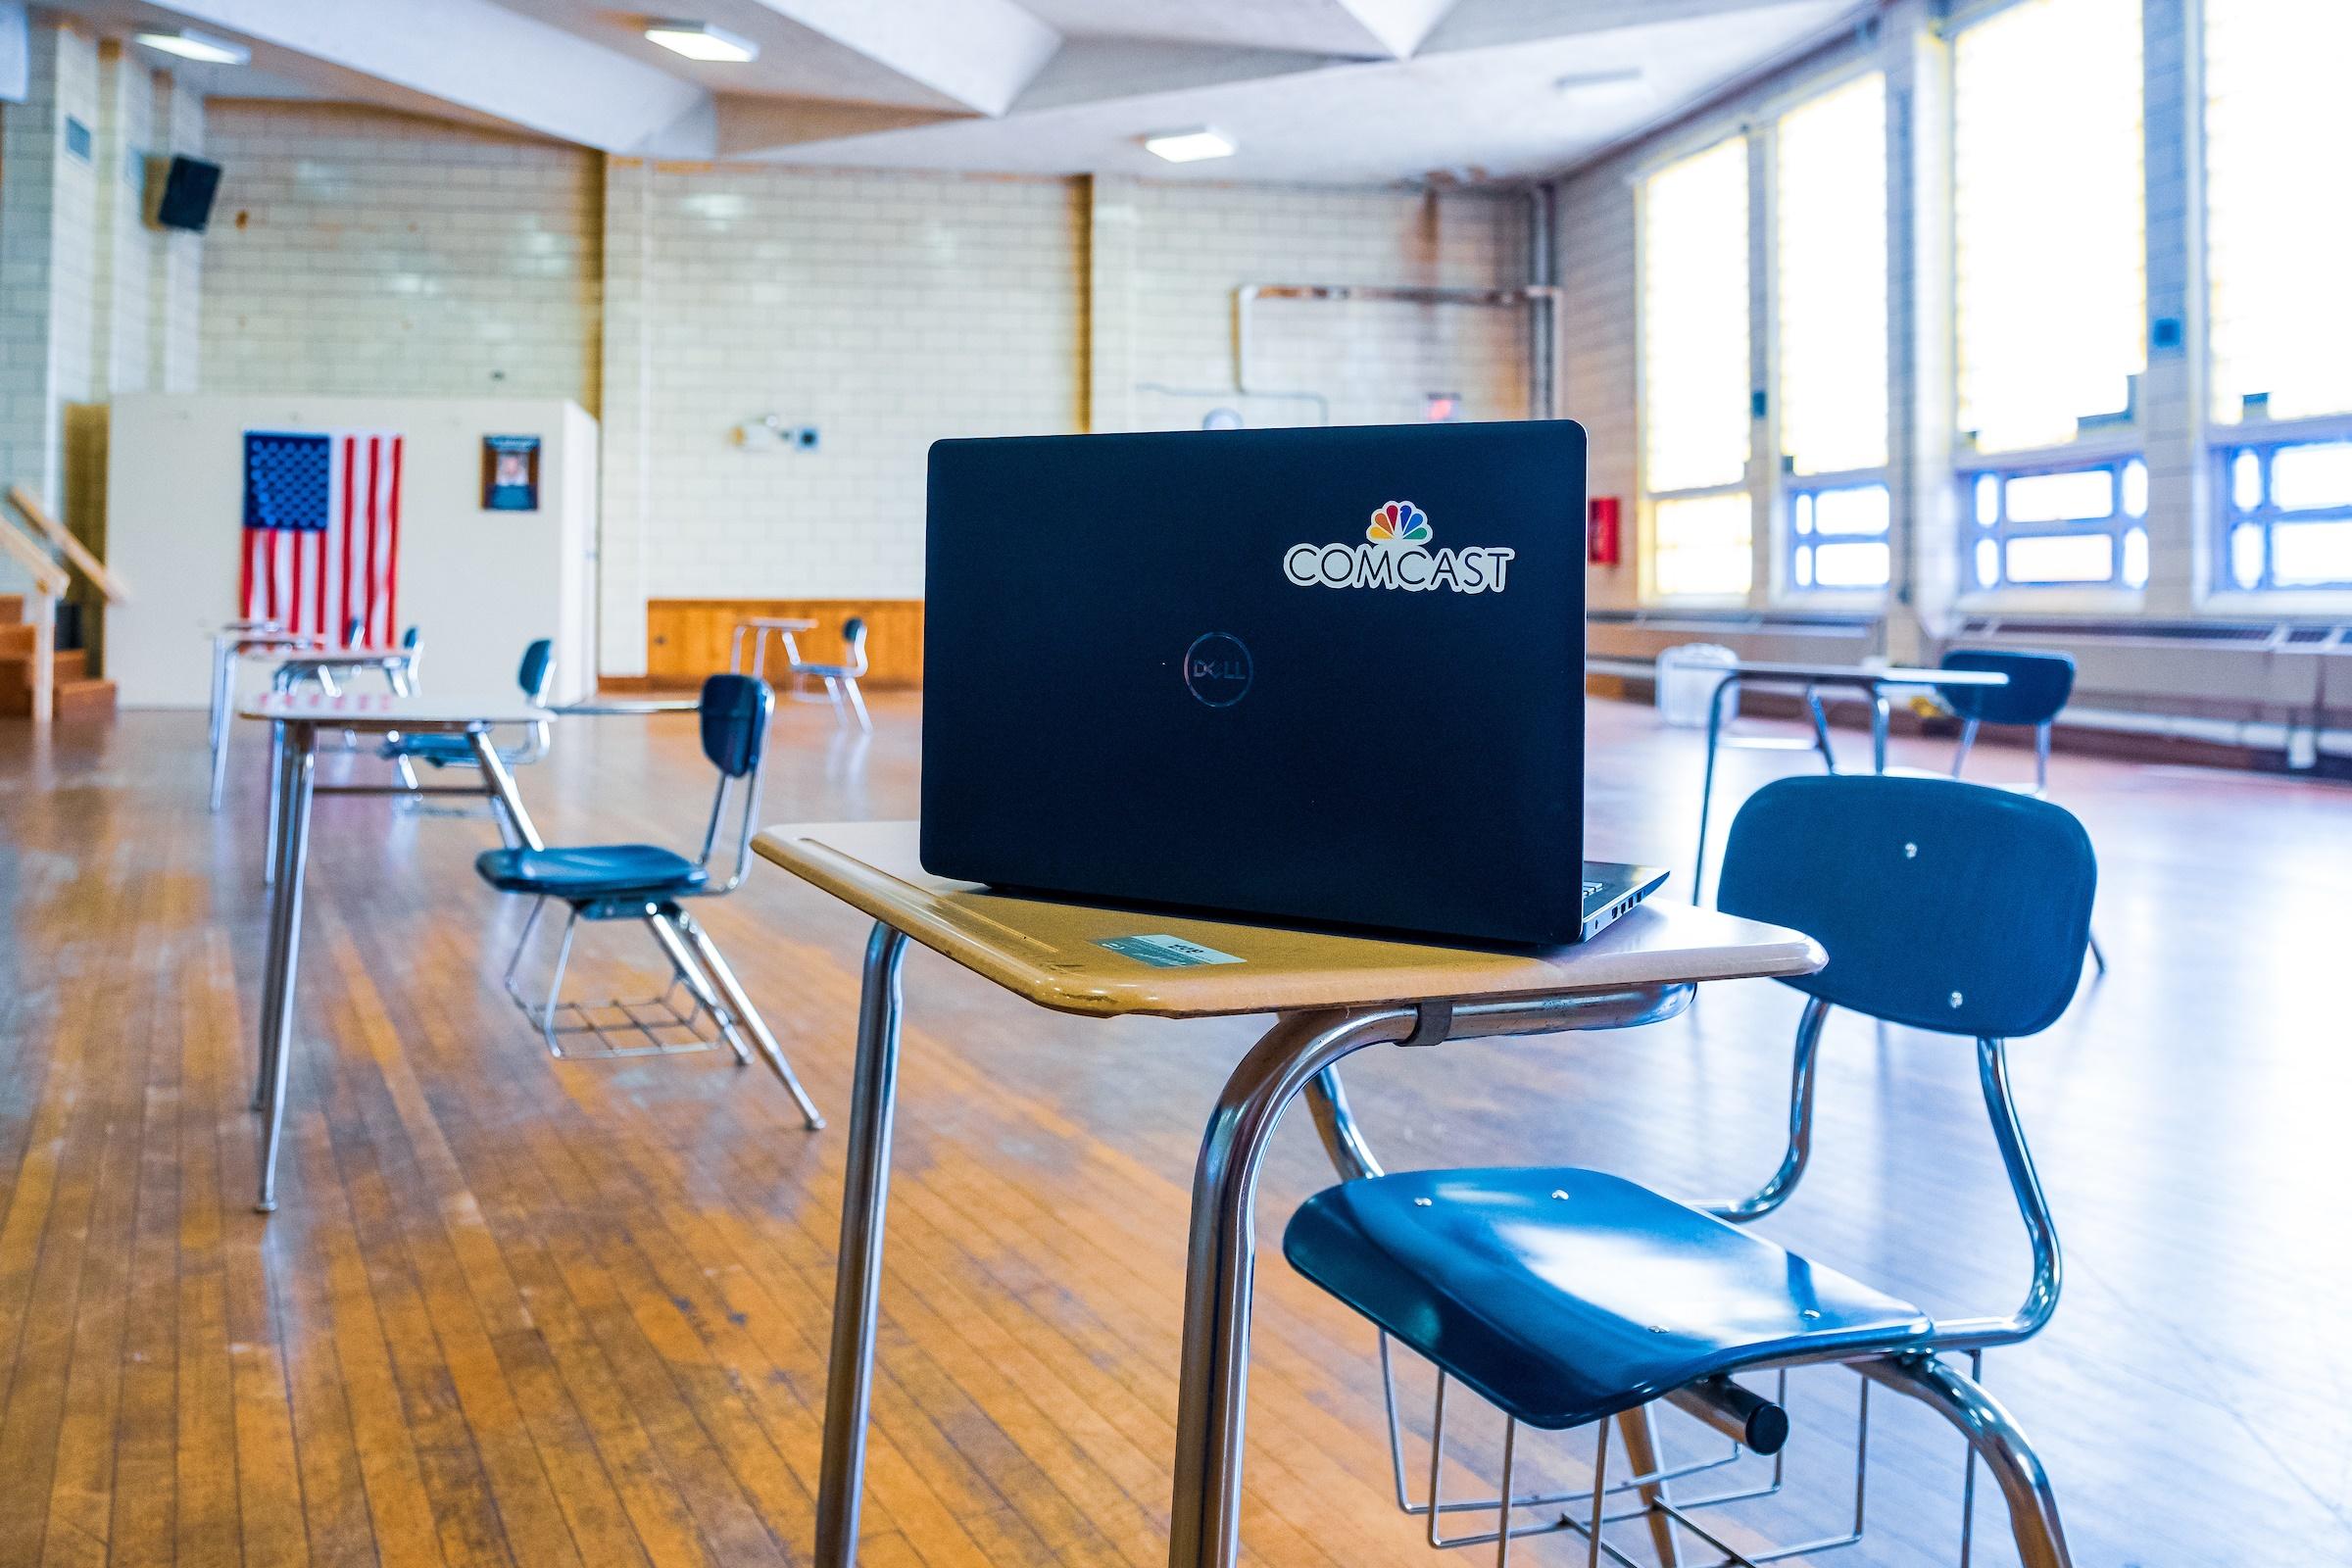 laptop on school desk